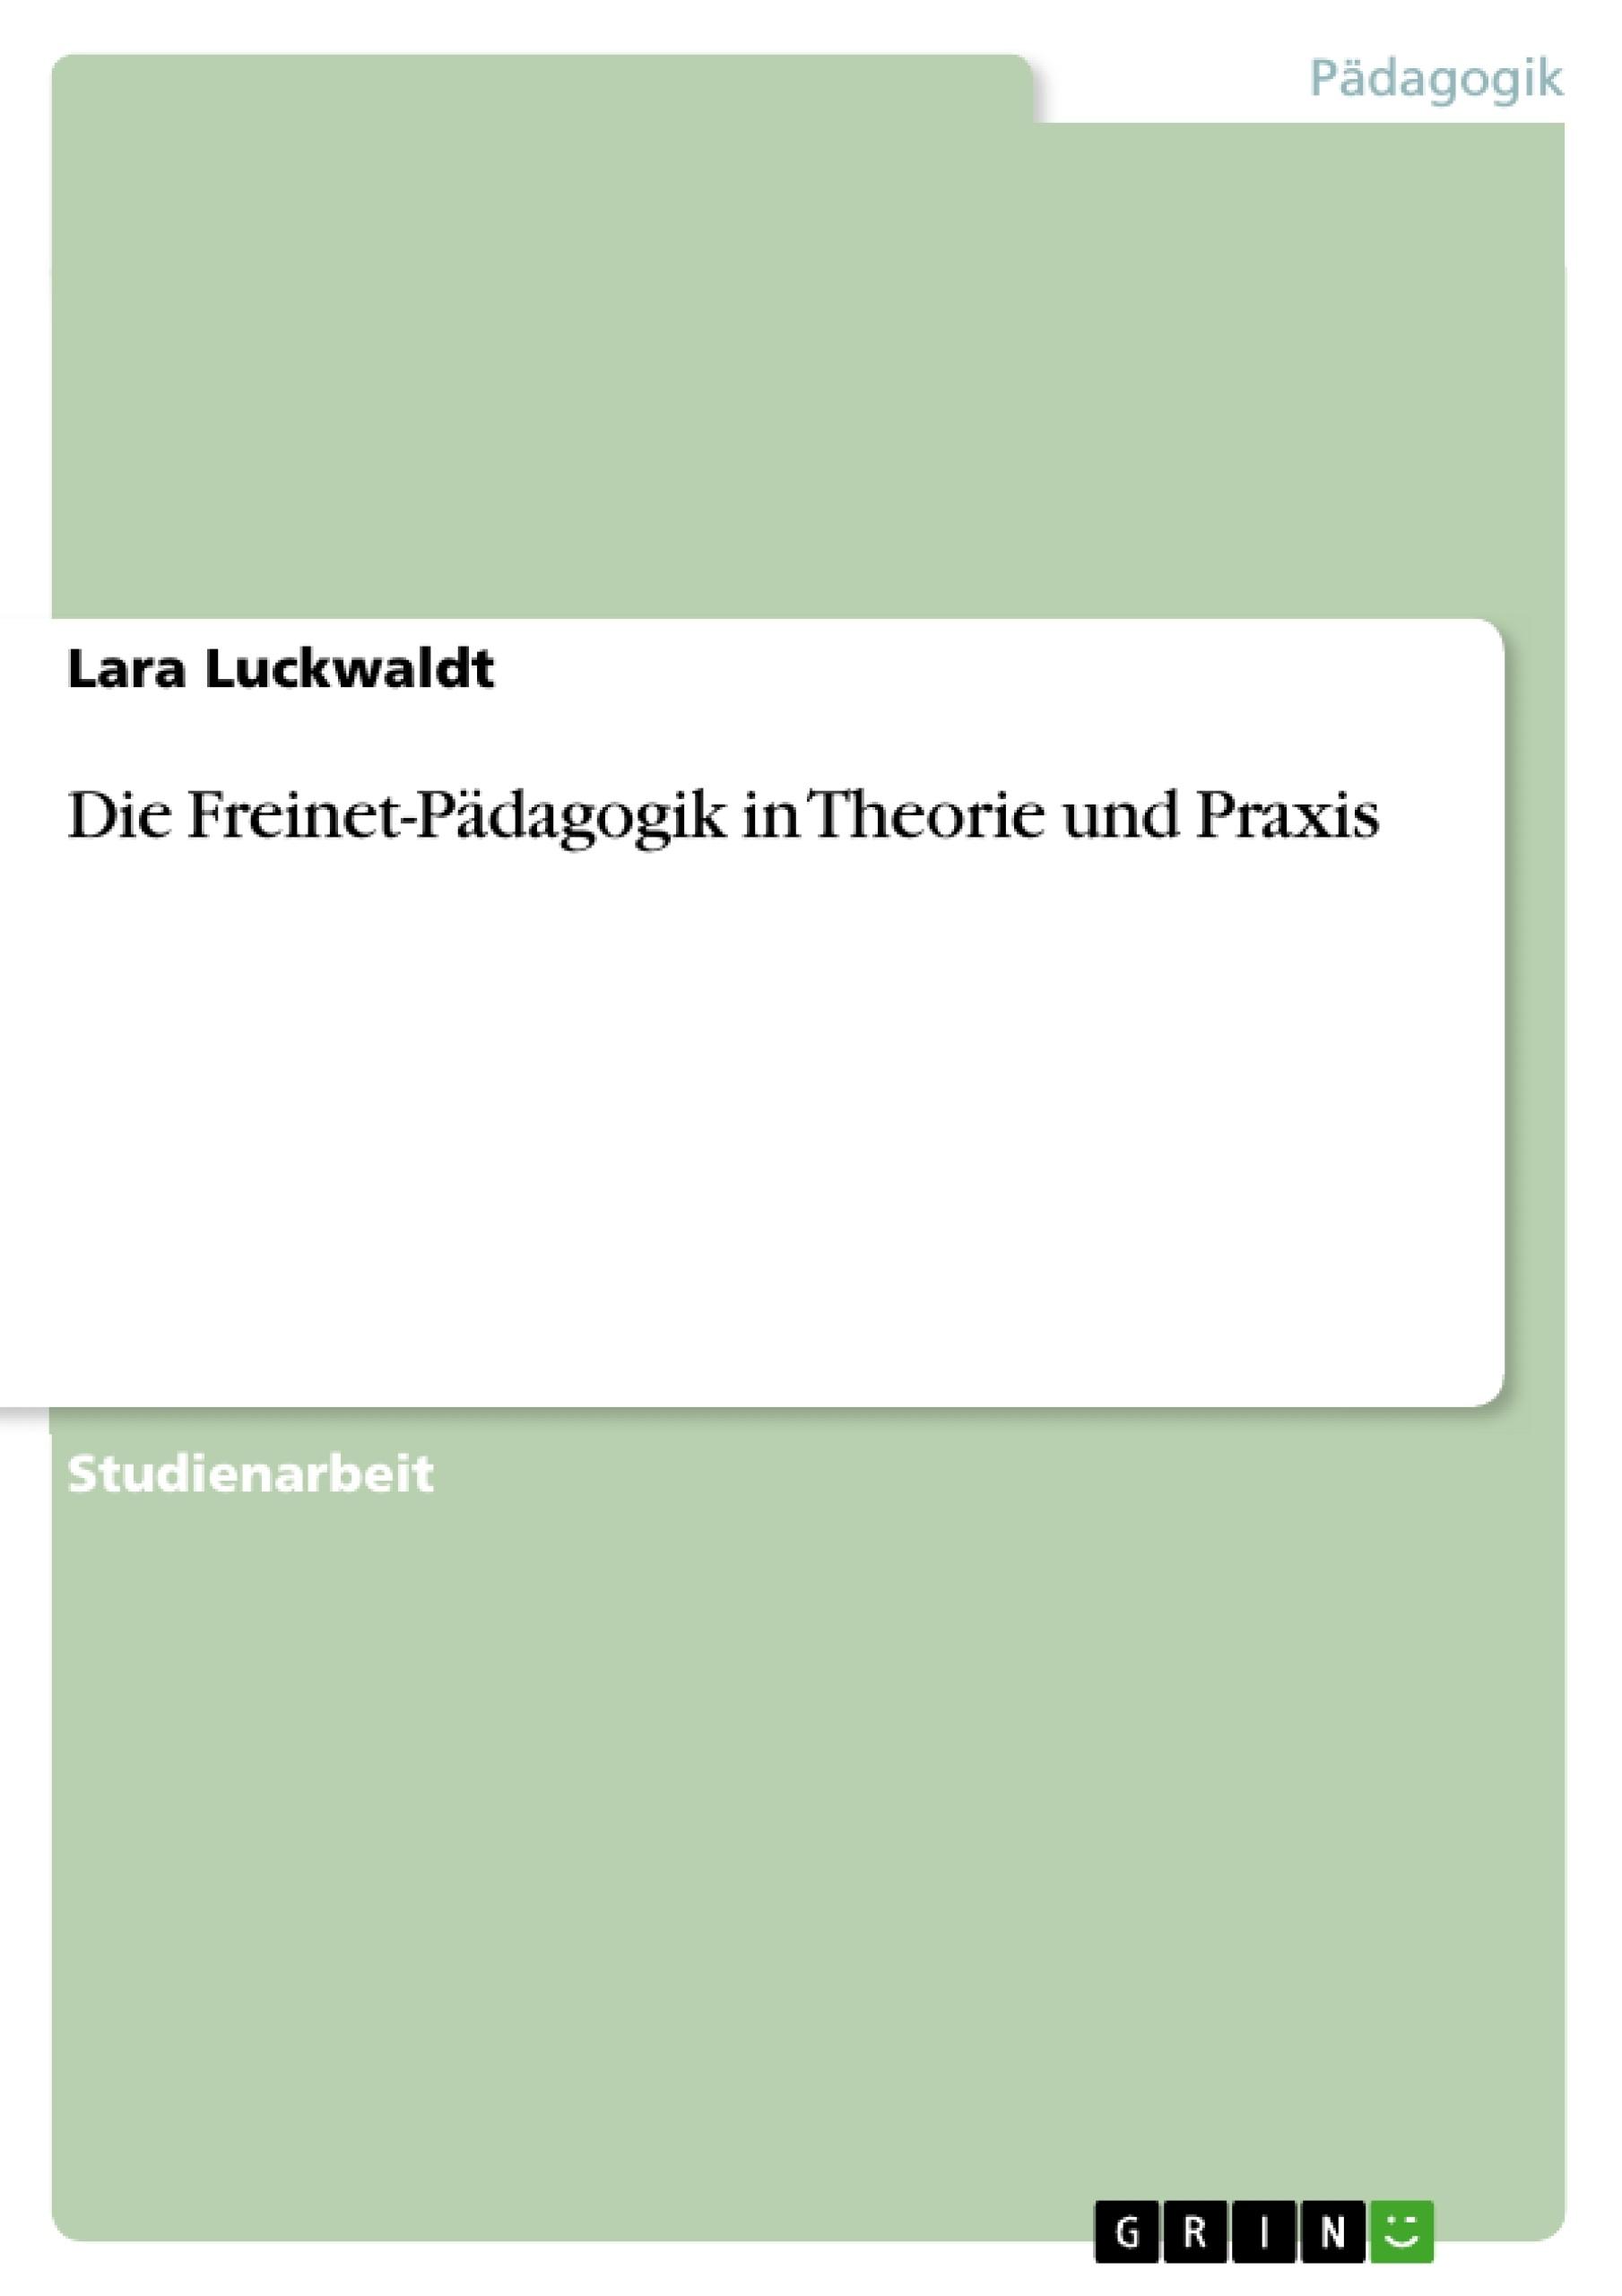 Titel: Die Freinet-Pädagogik in Theorie und Praxis